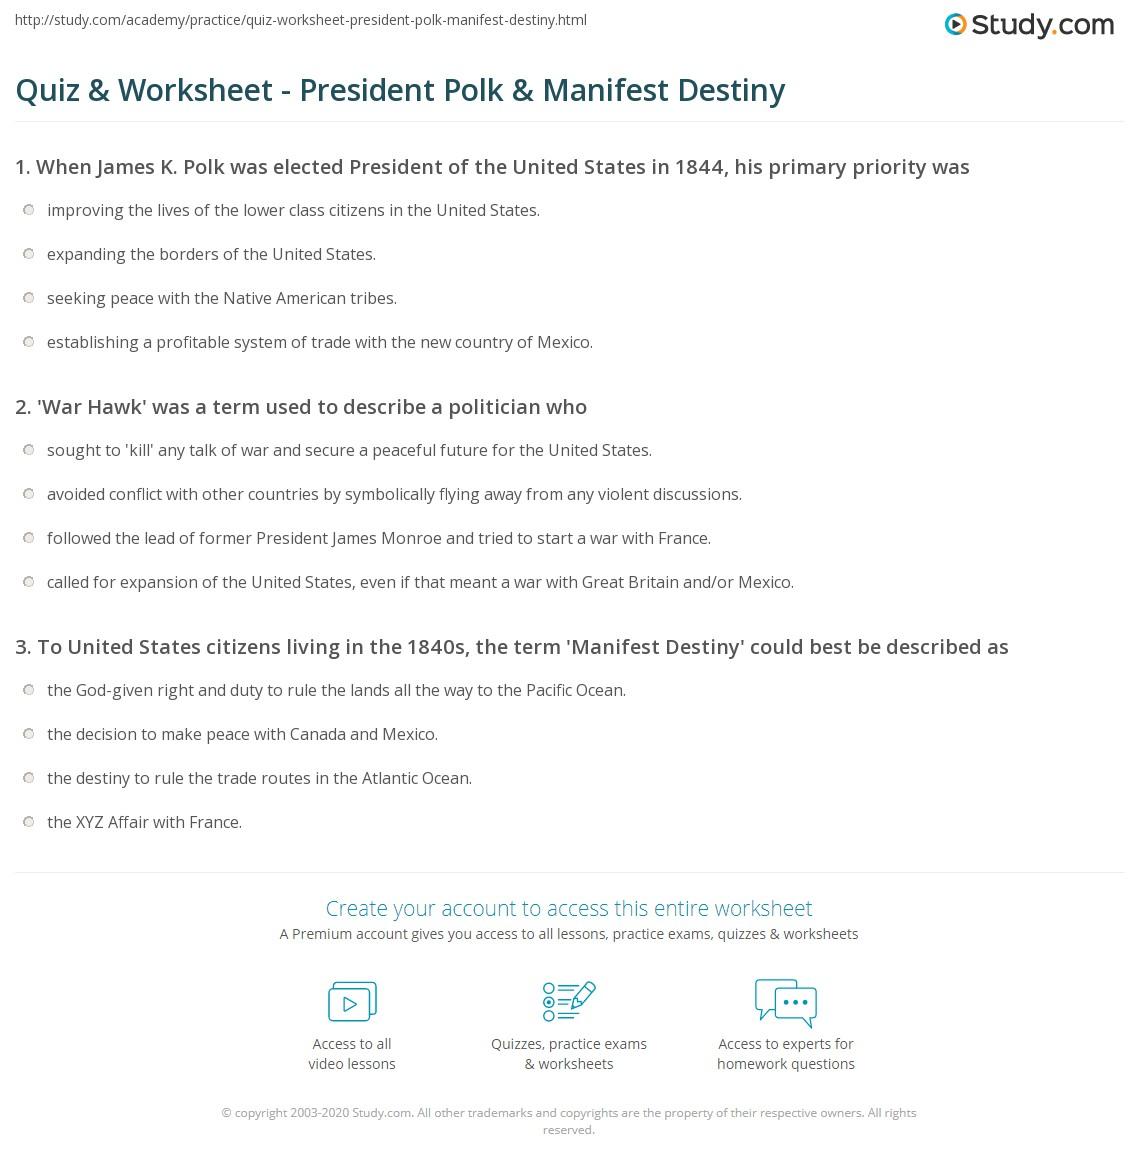 Quiz & Worksheet - President Polk & Manifest Destiny | Study.com